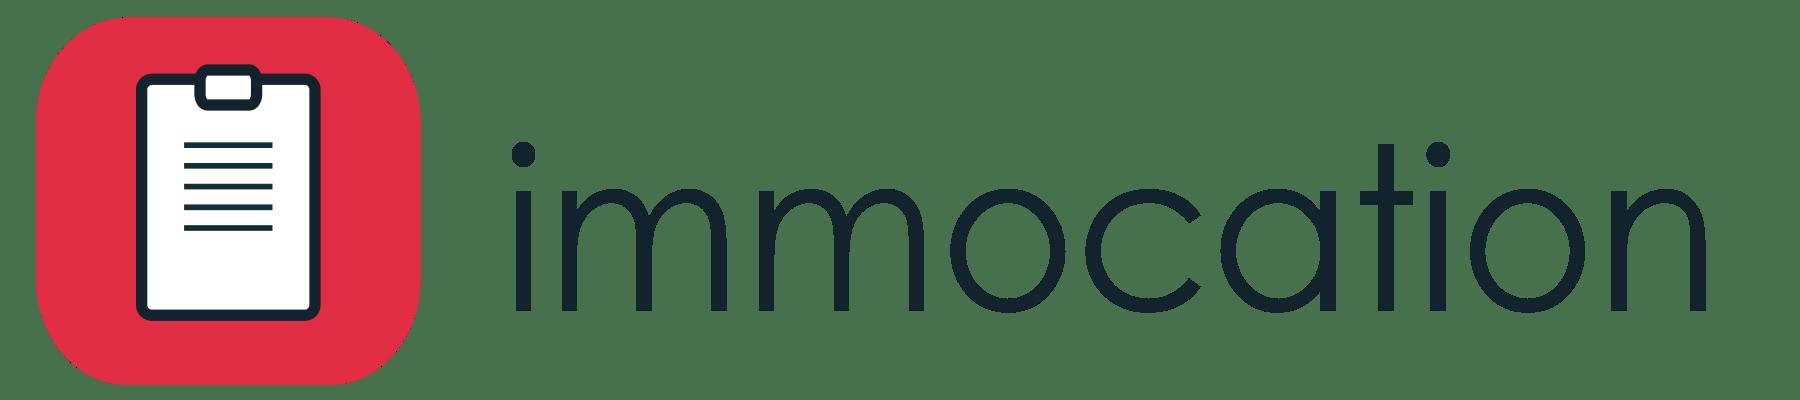 immocation